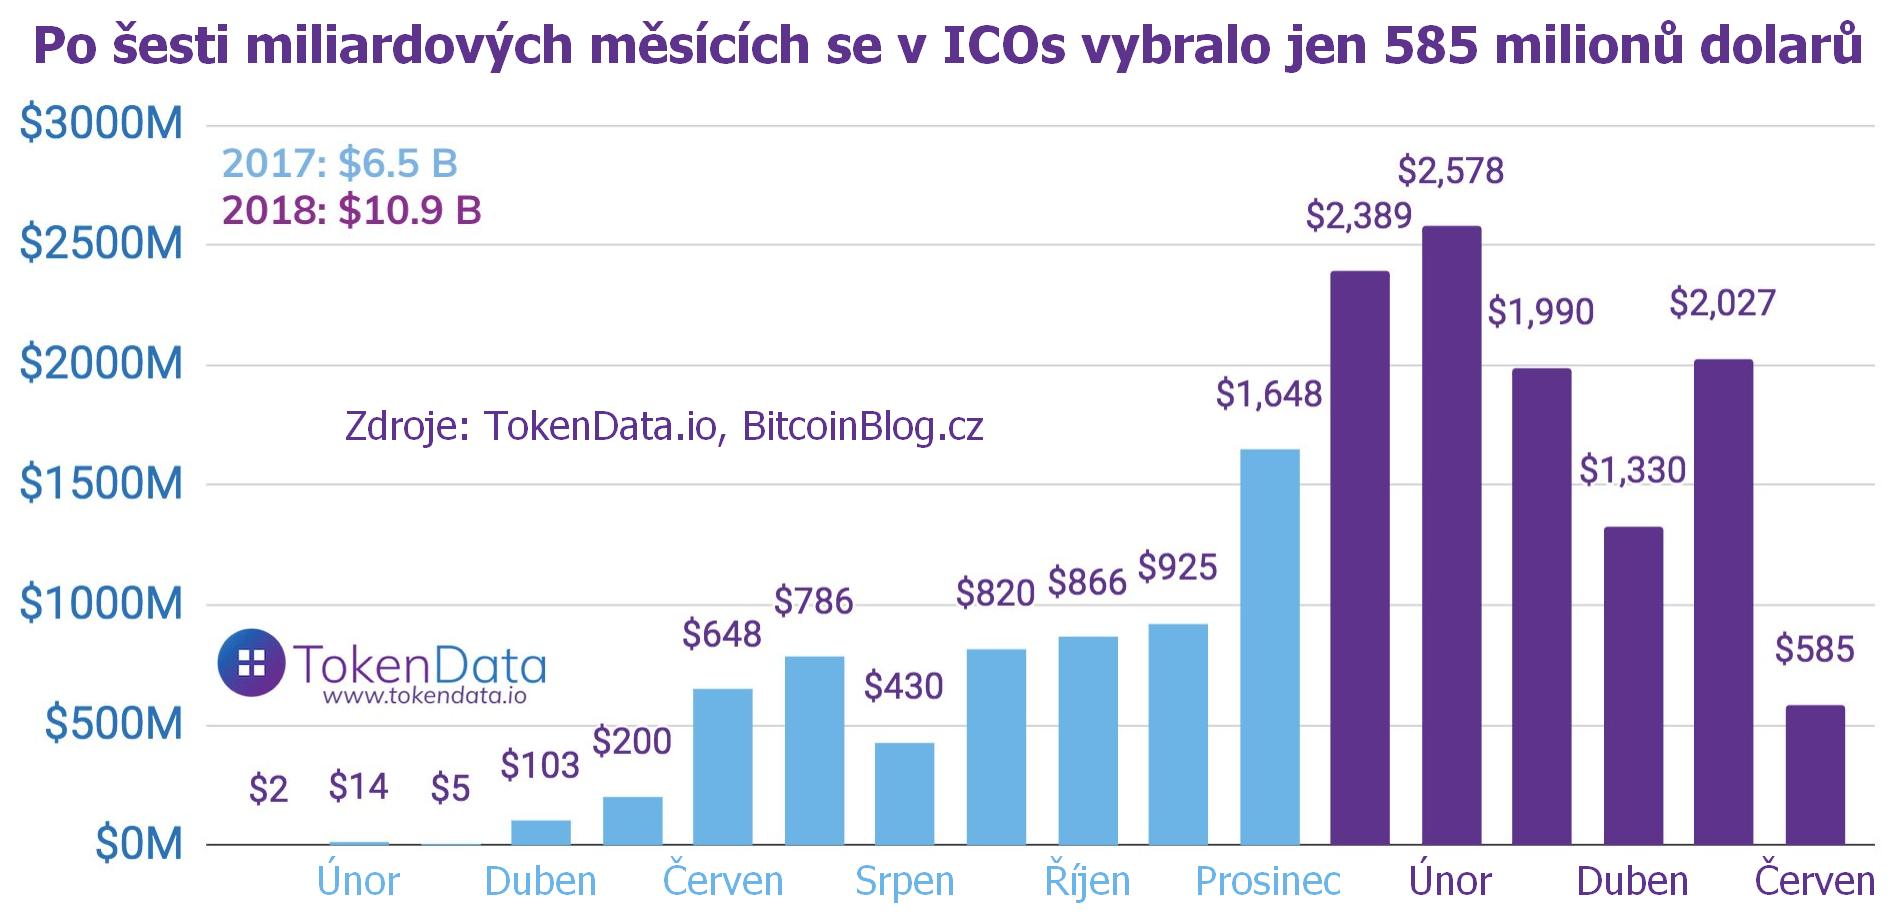 Po šesti miliardových měsících se v ICOs vybralo jen 585 milionů dolarů (sloupcový graf pro roky 2017-2018)